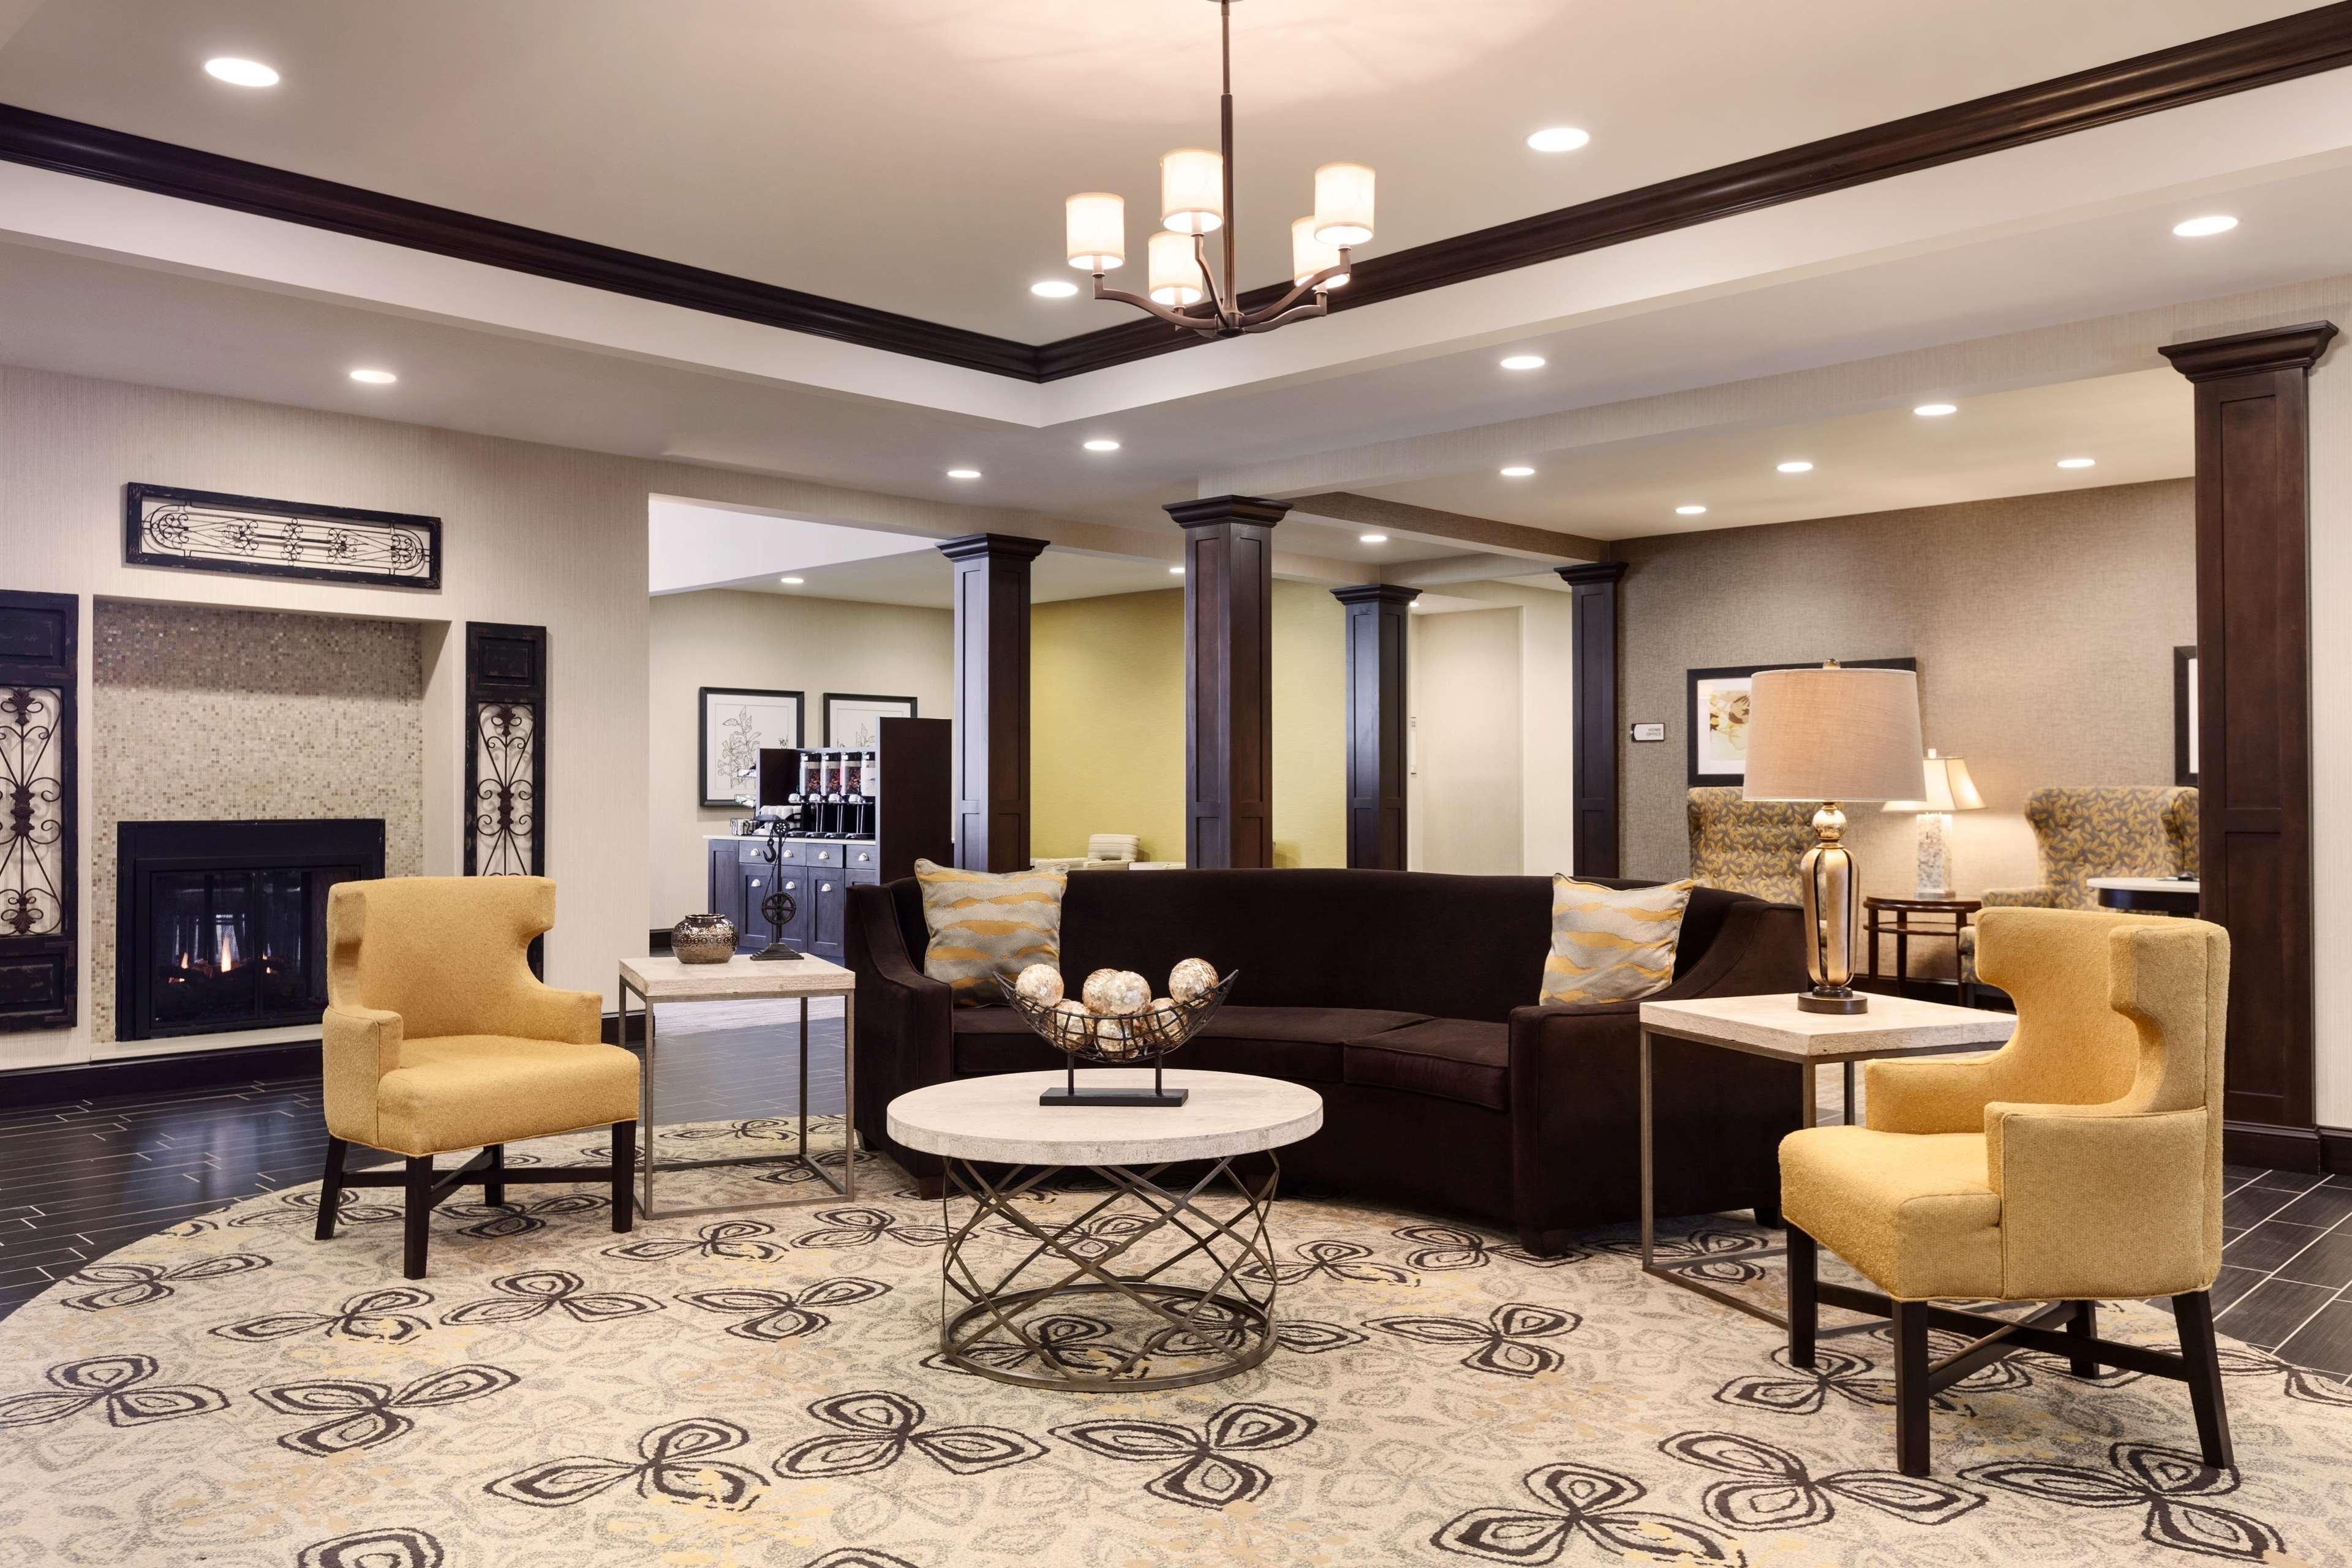 Homewood Suites by Hilton Huntsville-Downtown, AL image 0